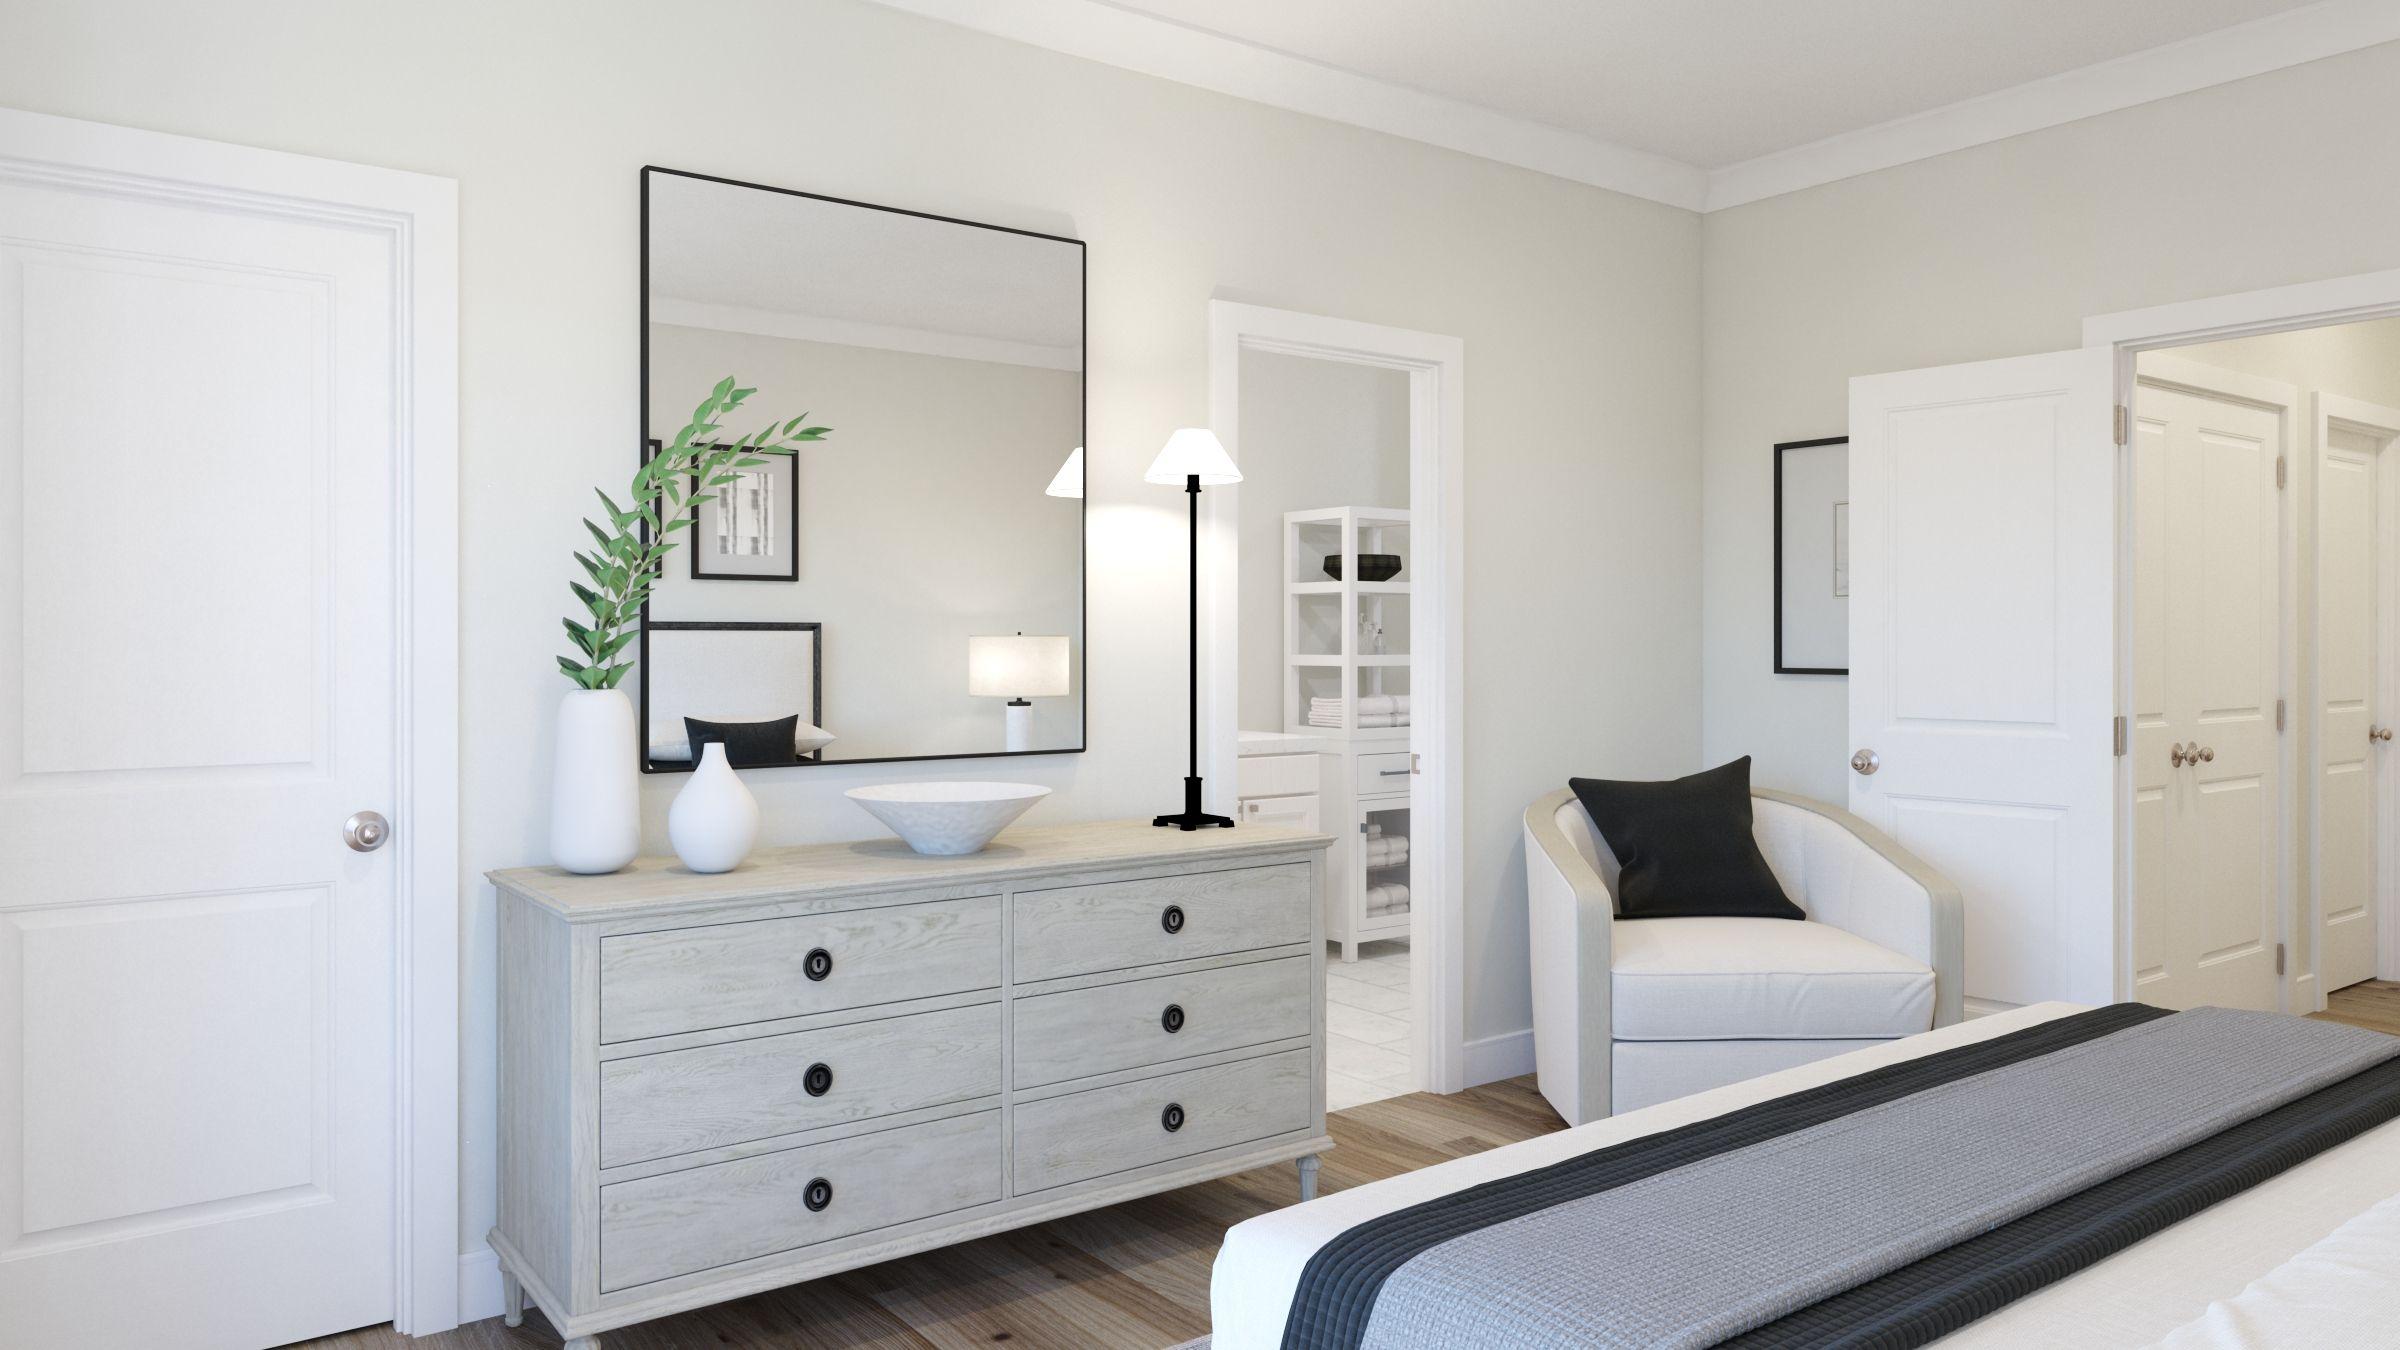 Bedroom featured in the Tristan By Van Metre Homes in Washington, VA